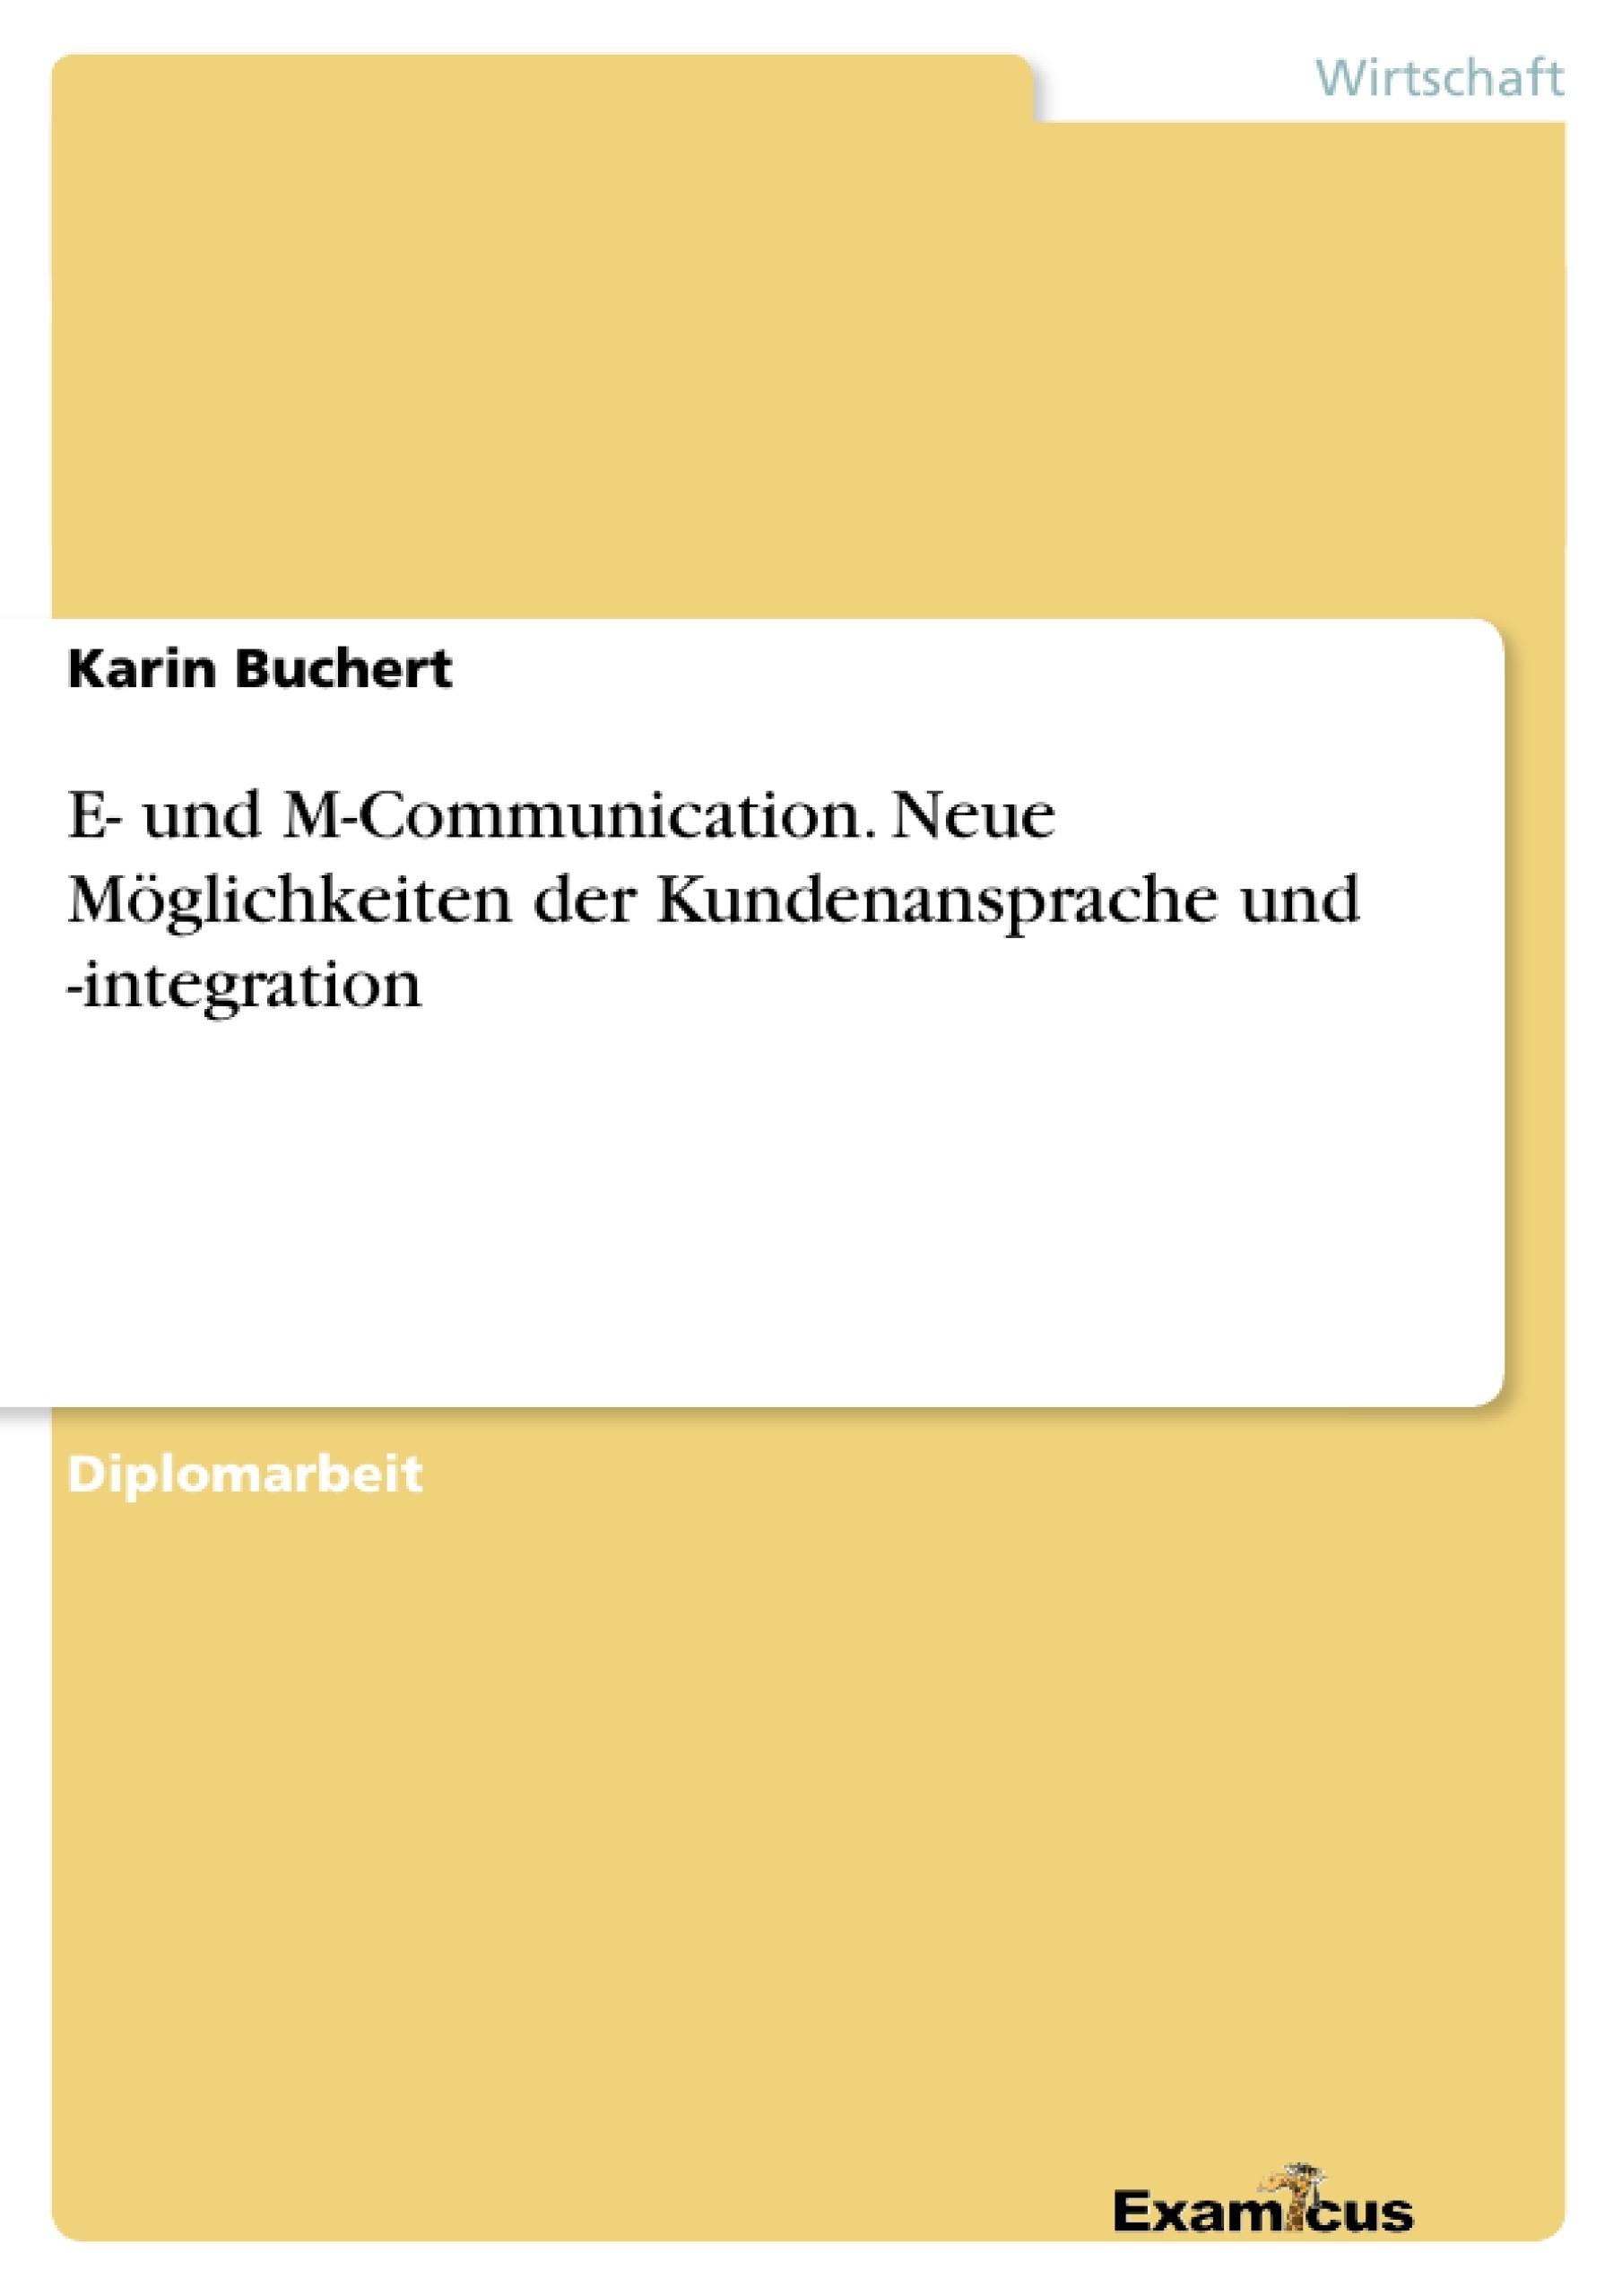 Titel: E- und M-Communication. Neue Möglichkeiten der Kundenansprache und -integration